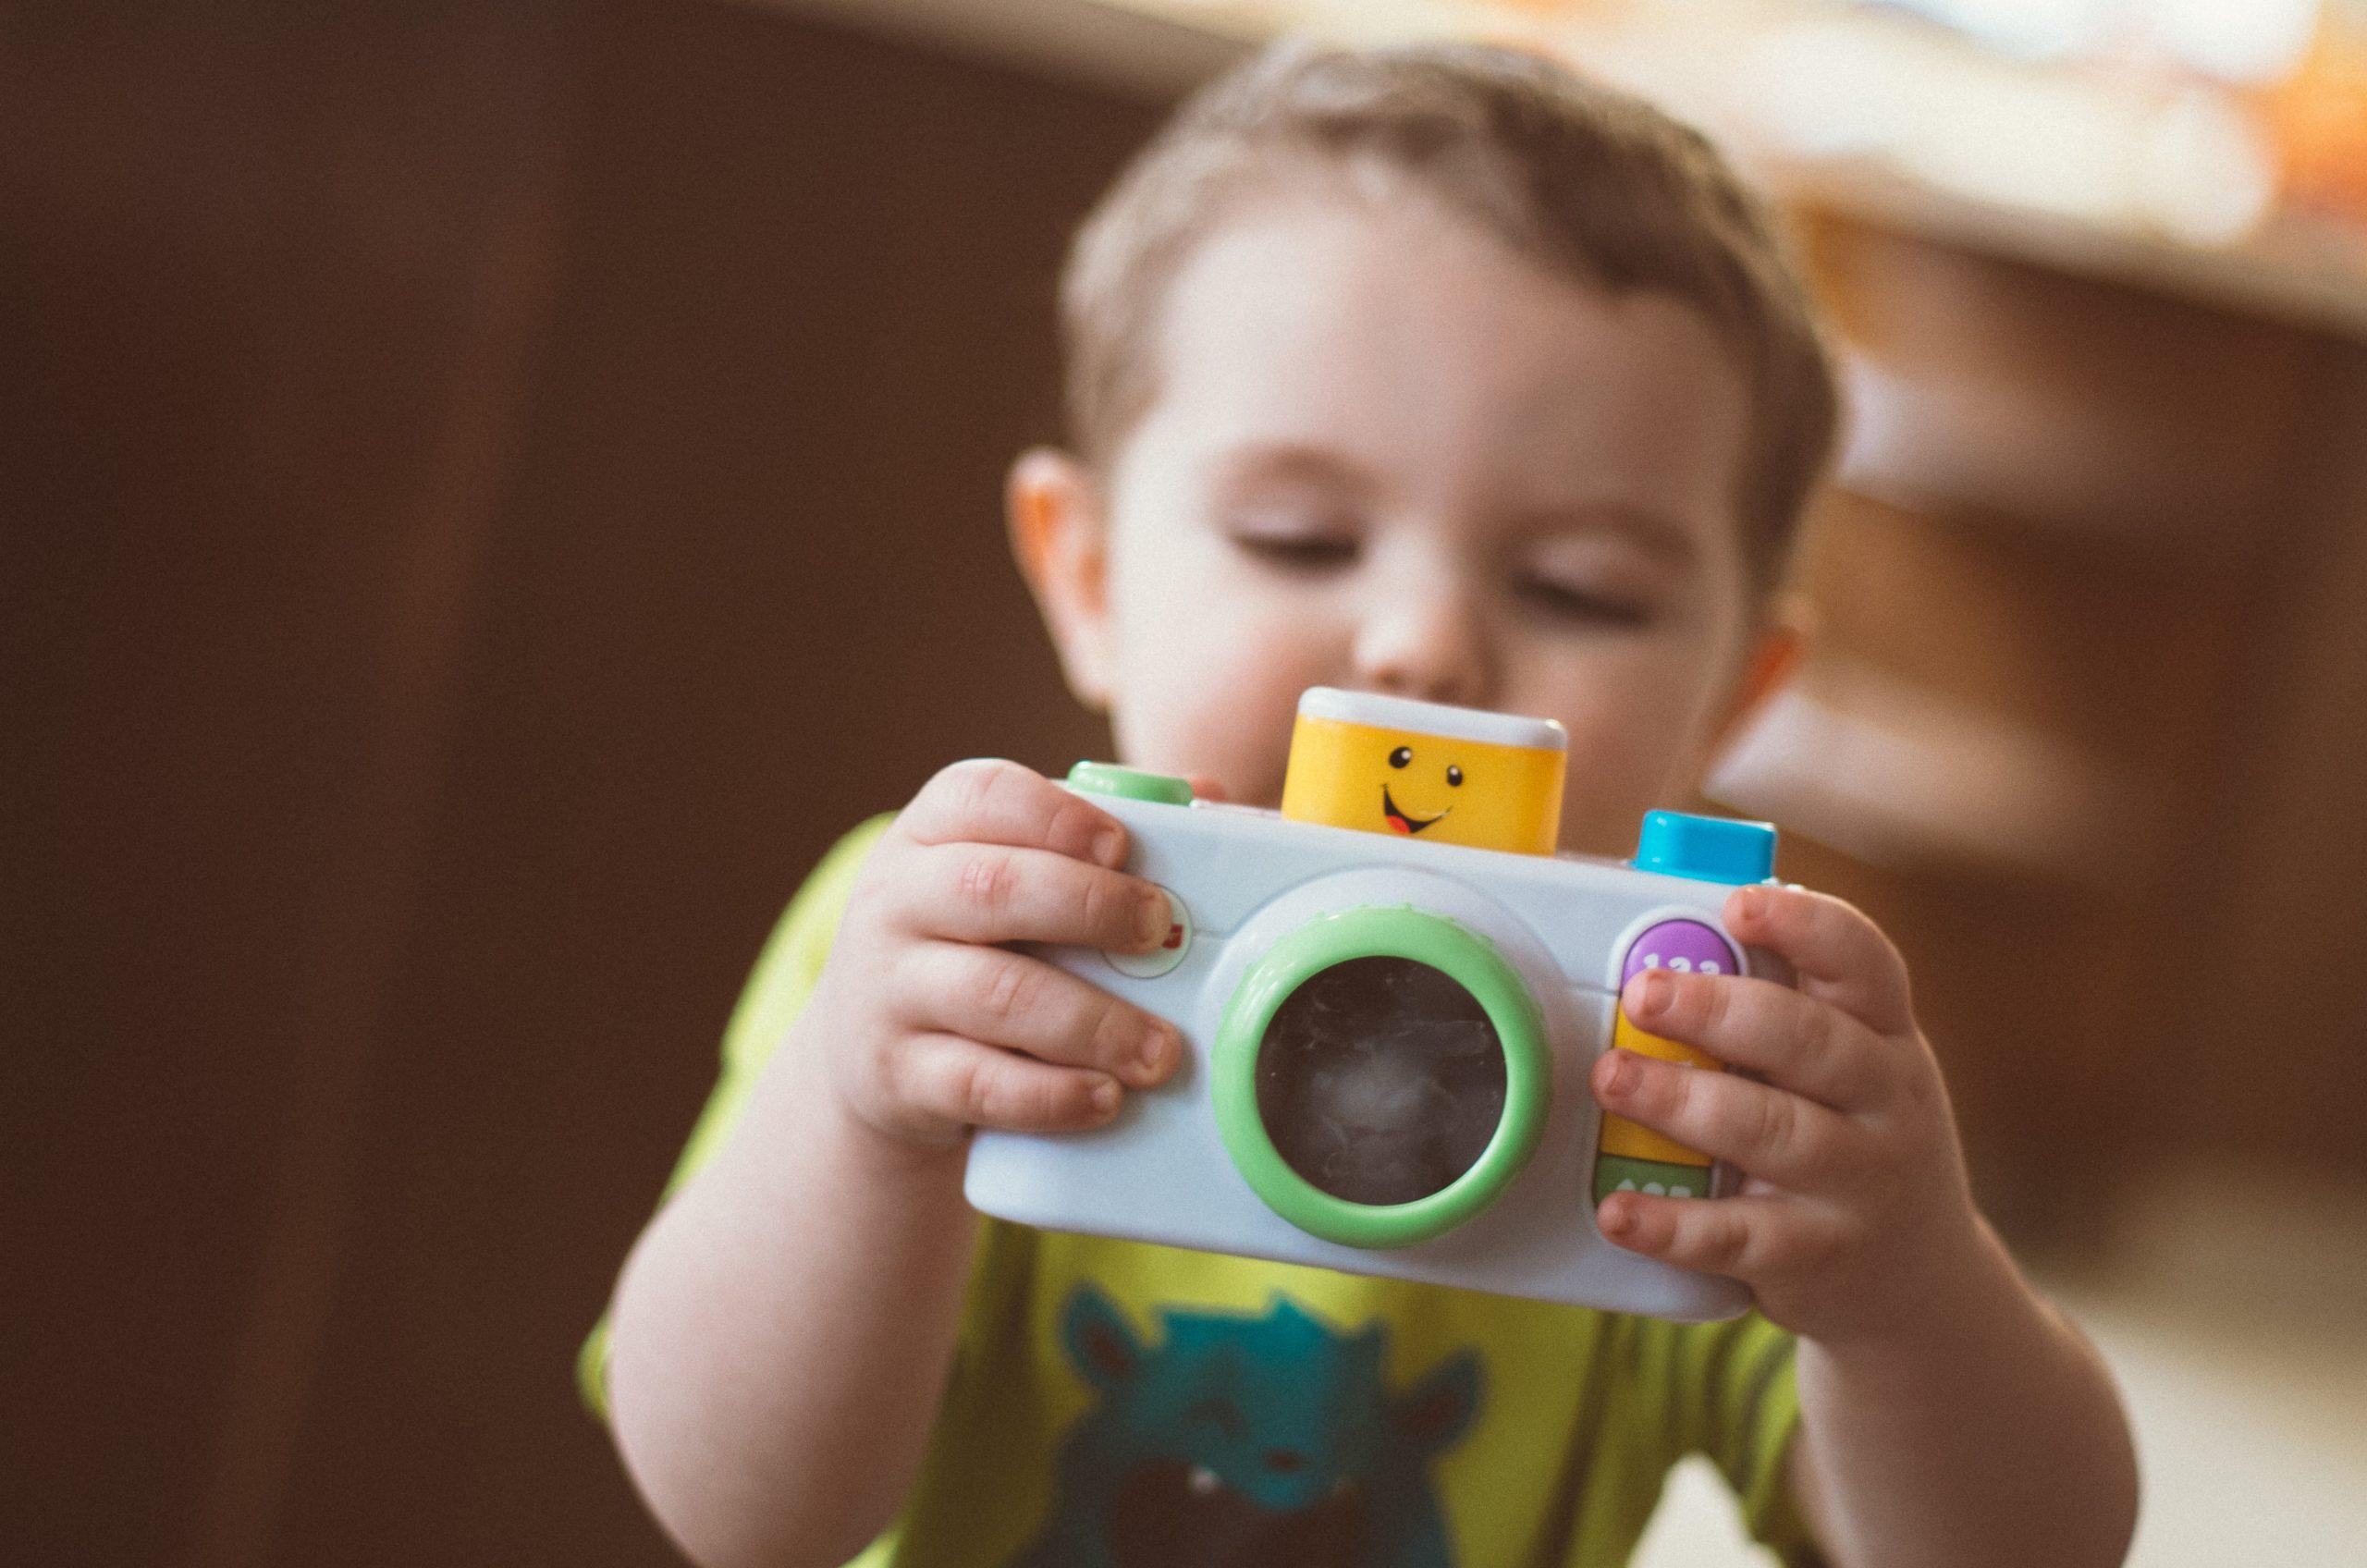 Kinderkamera: Test & Empfehlungen (10/20)